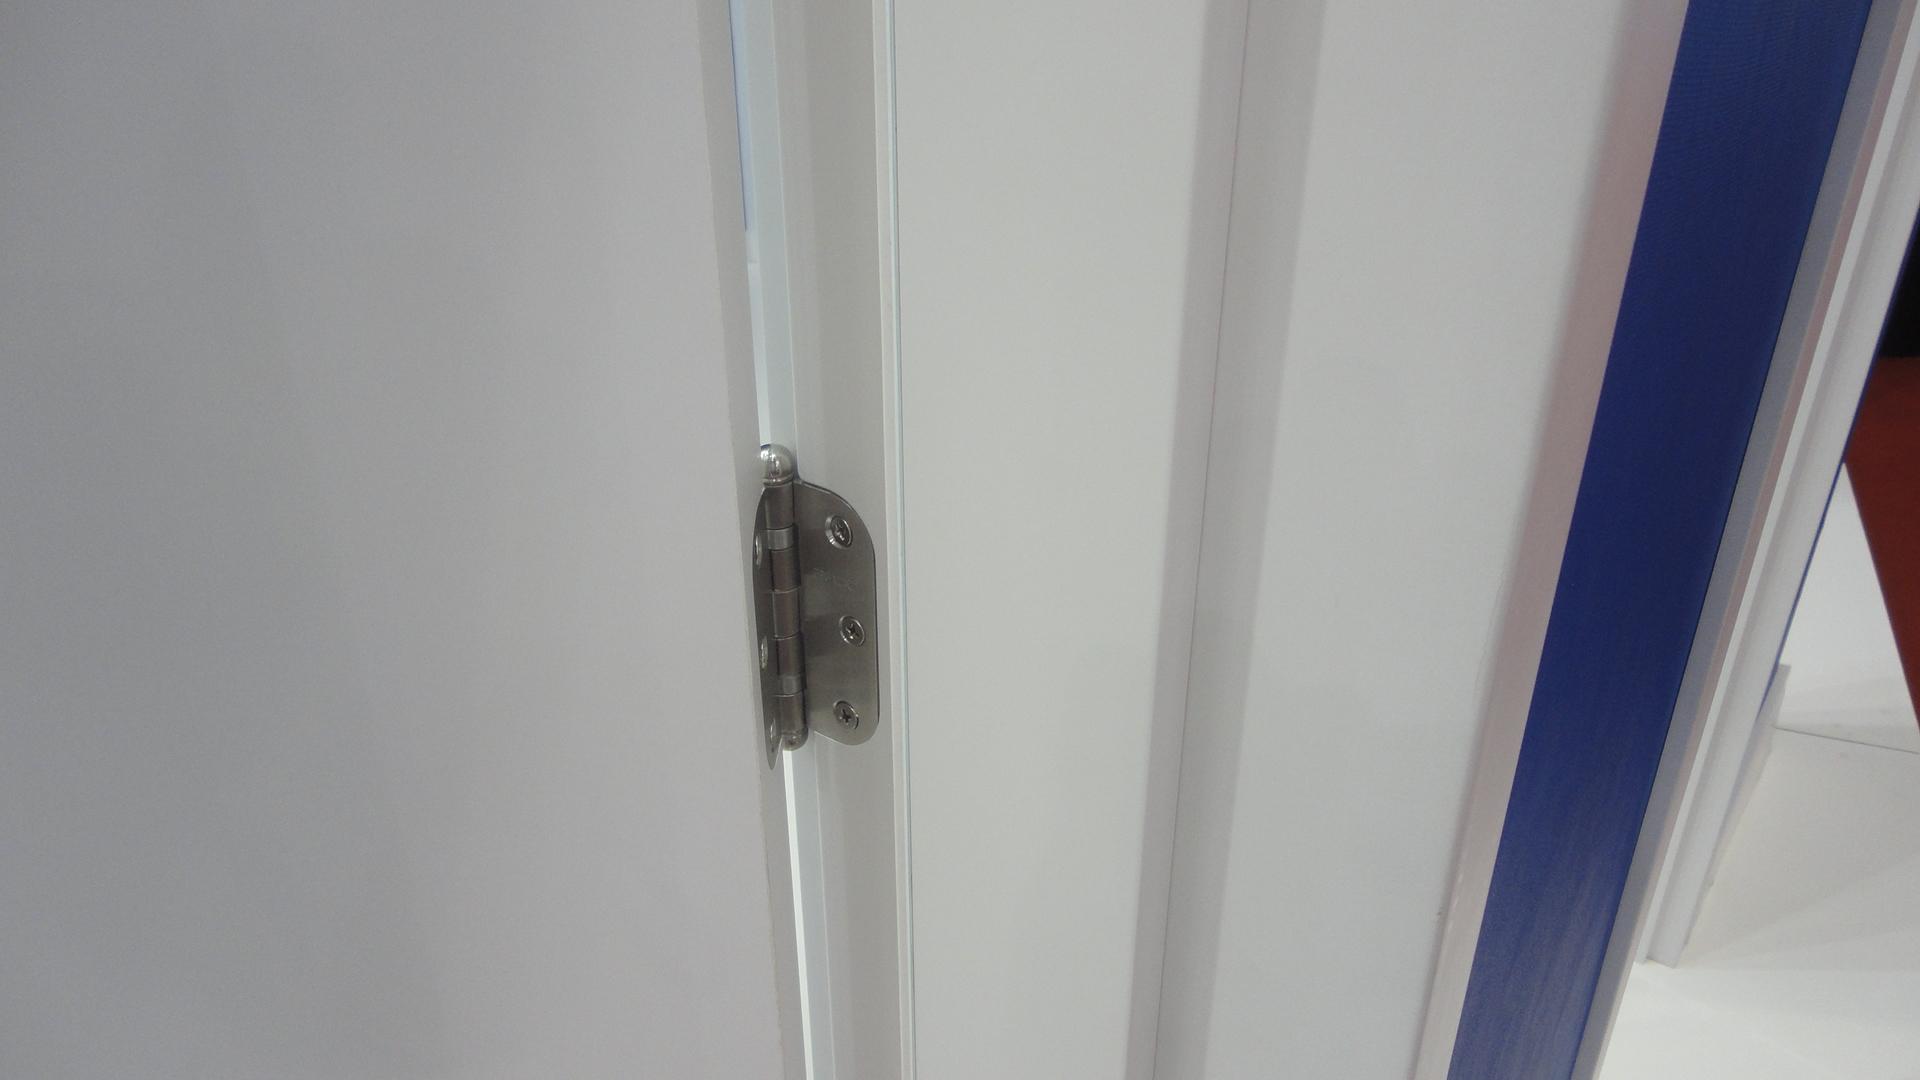 porta pronta kit detalhe dobradica pedreirao